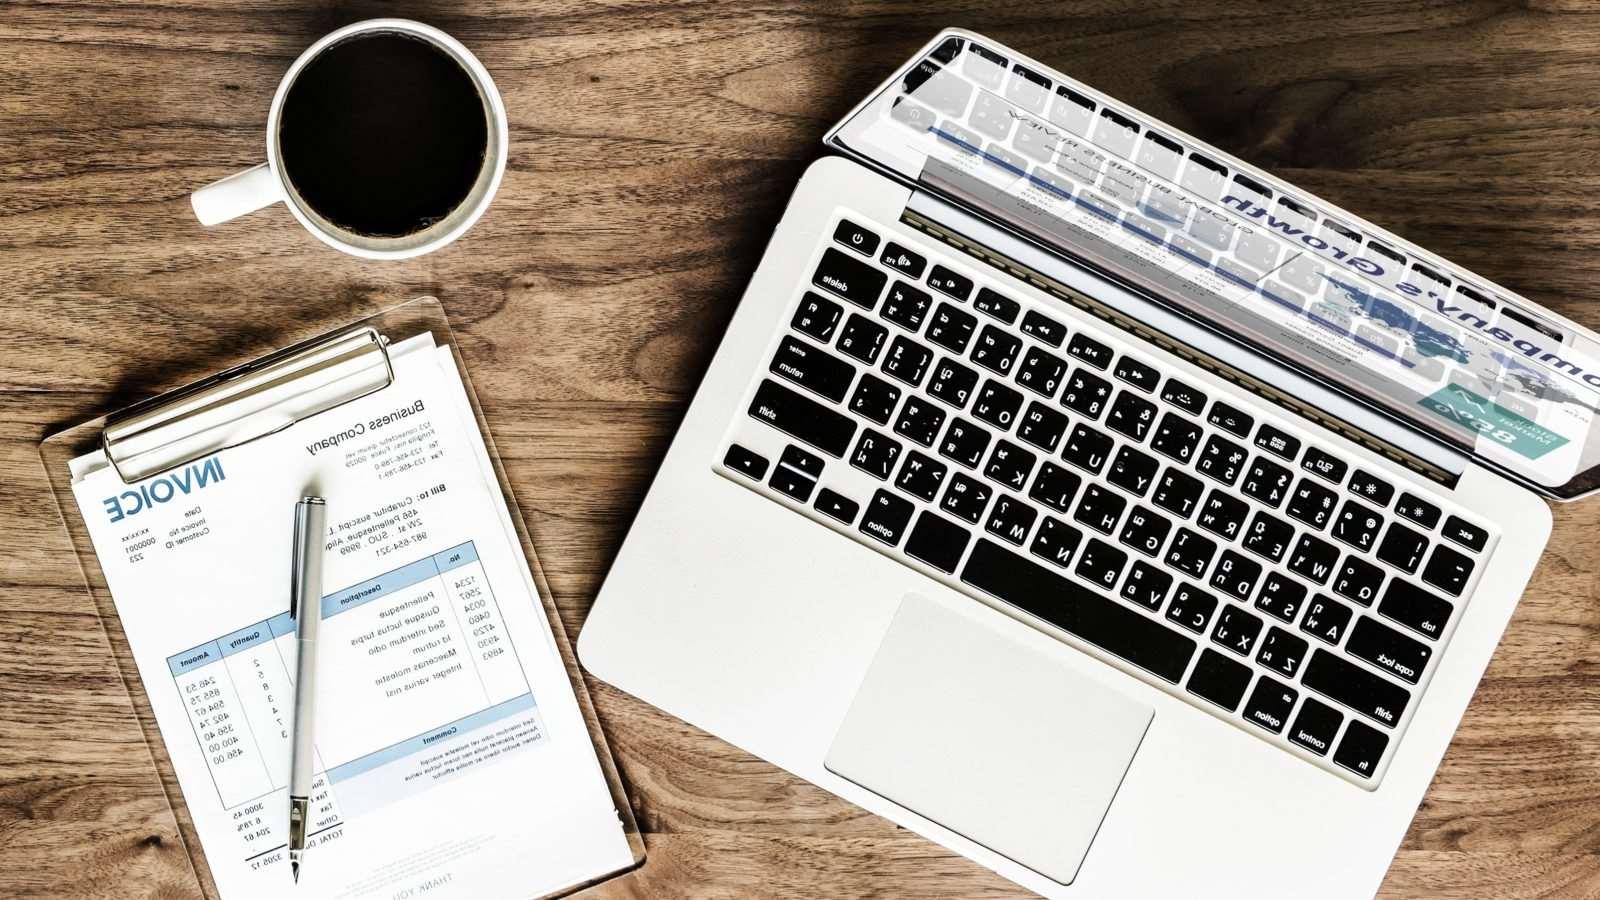 Как можно заработать деньги онлайн?